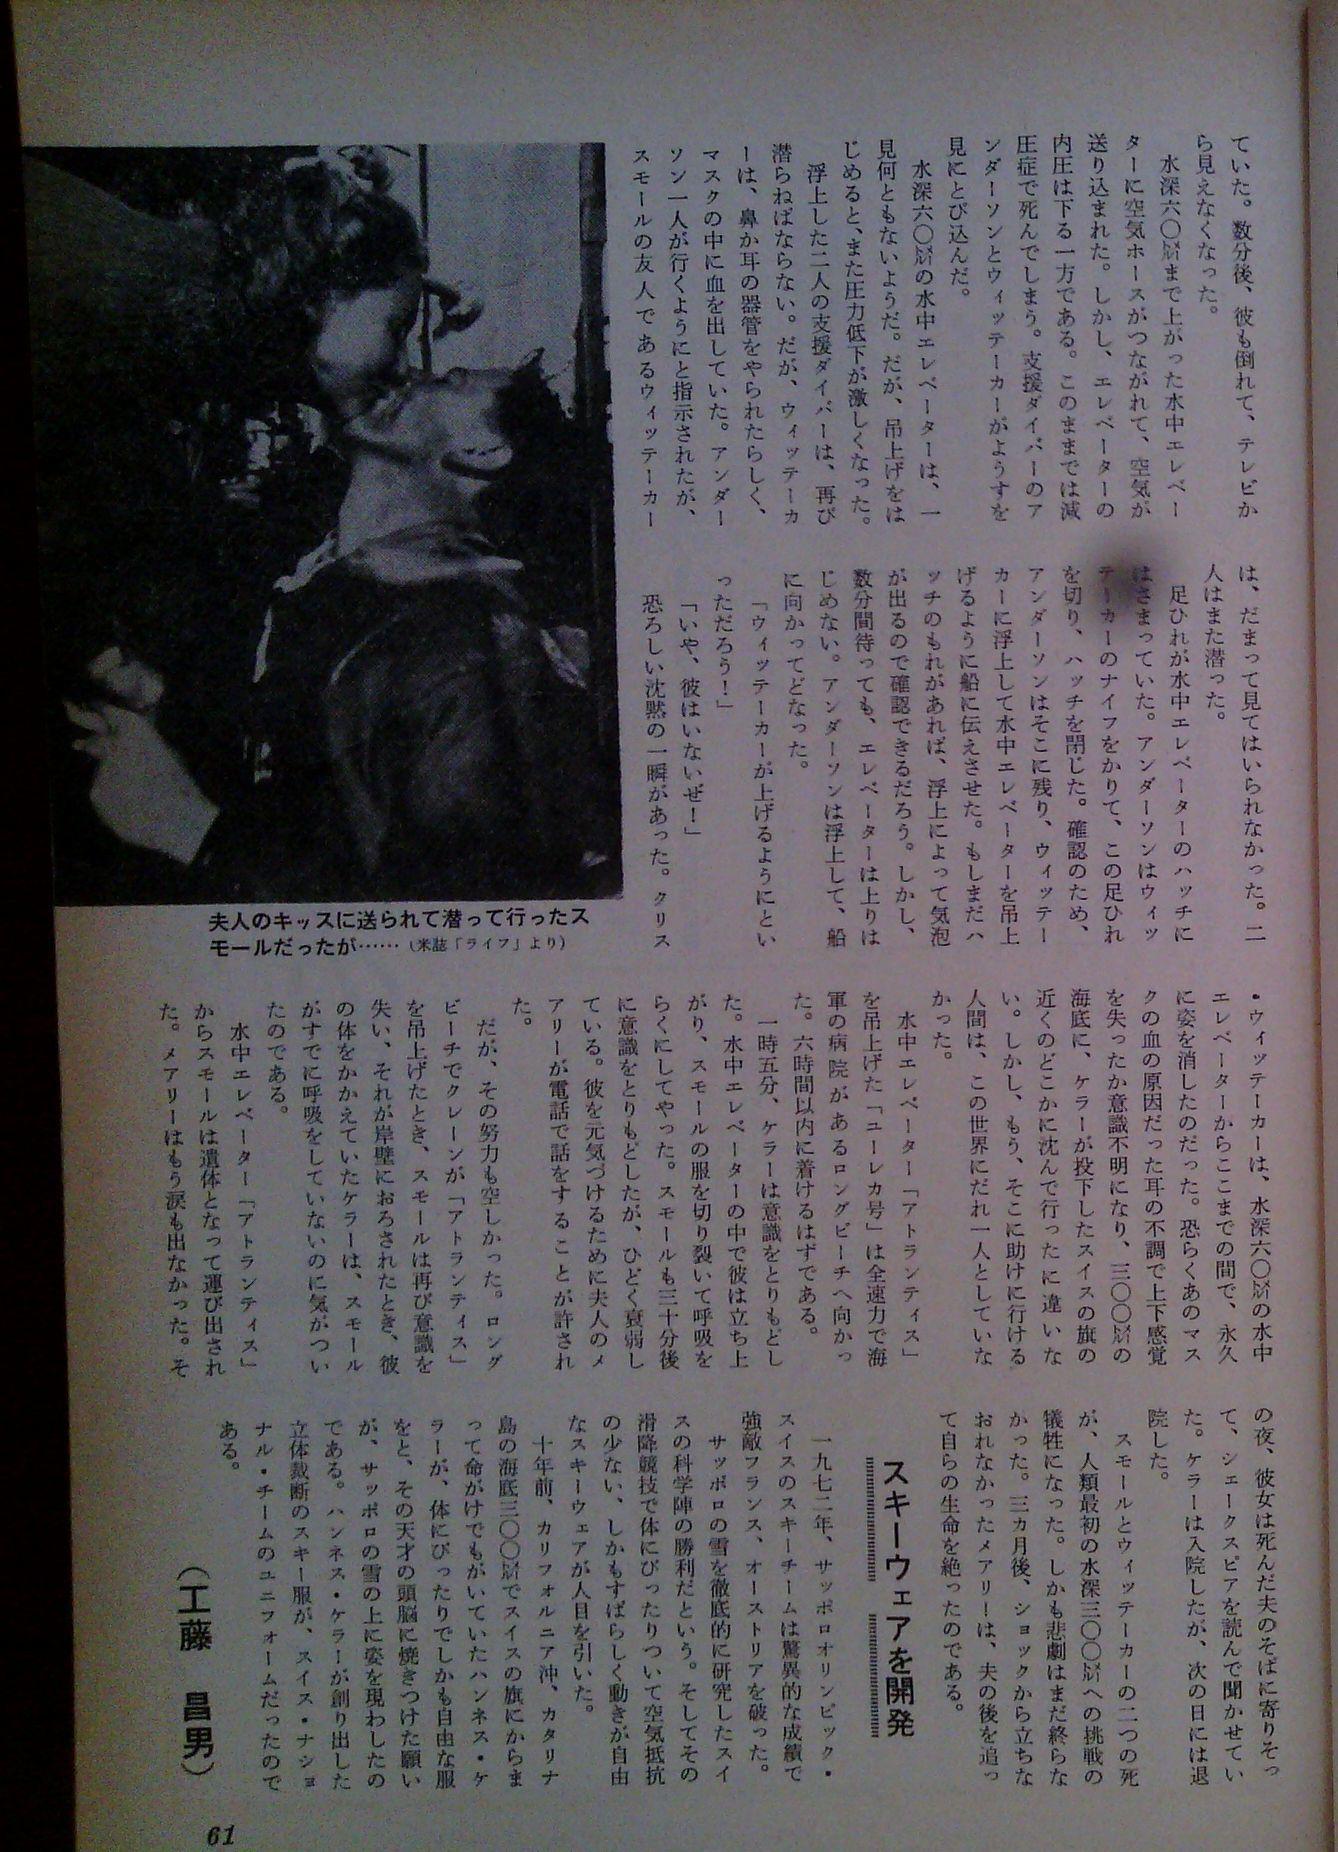 0329  ダイビングの歴史61 海の世界1973-1_b0075059_15083758.jpg